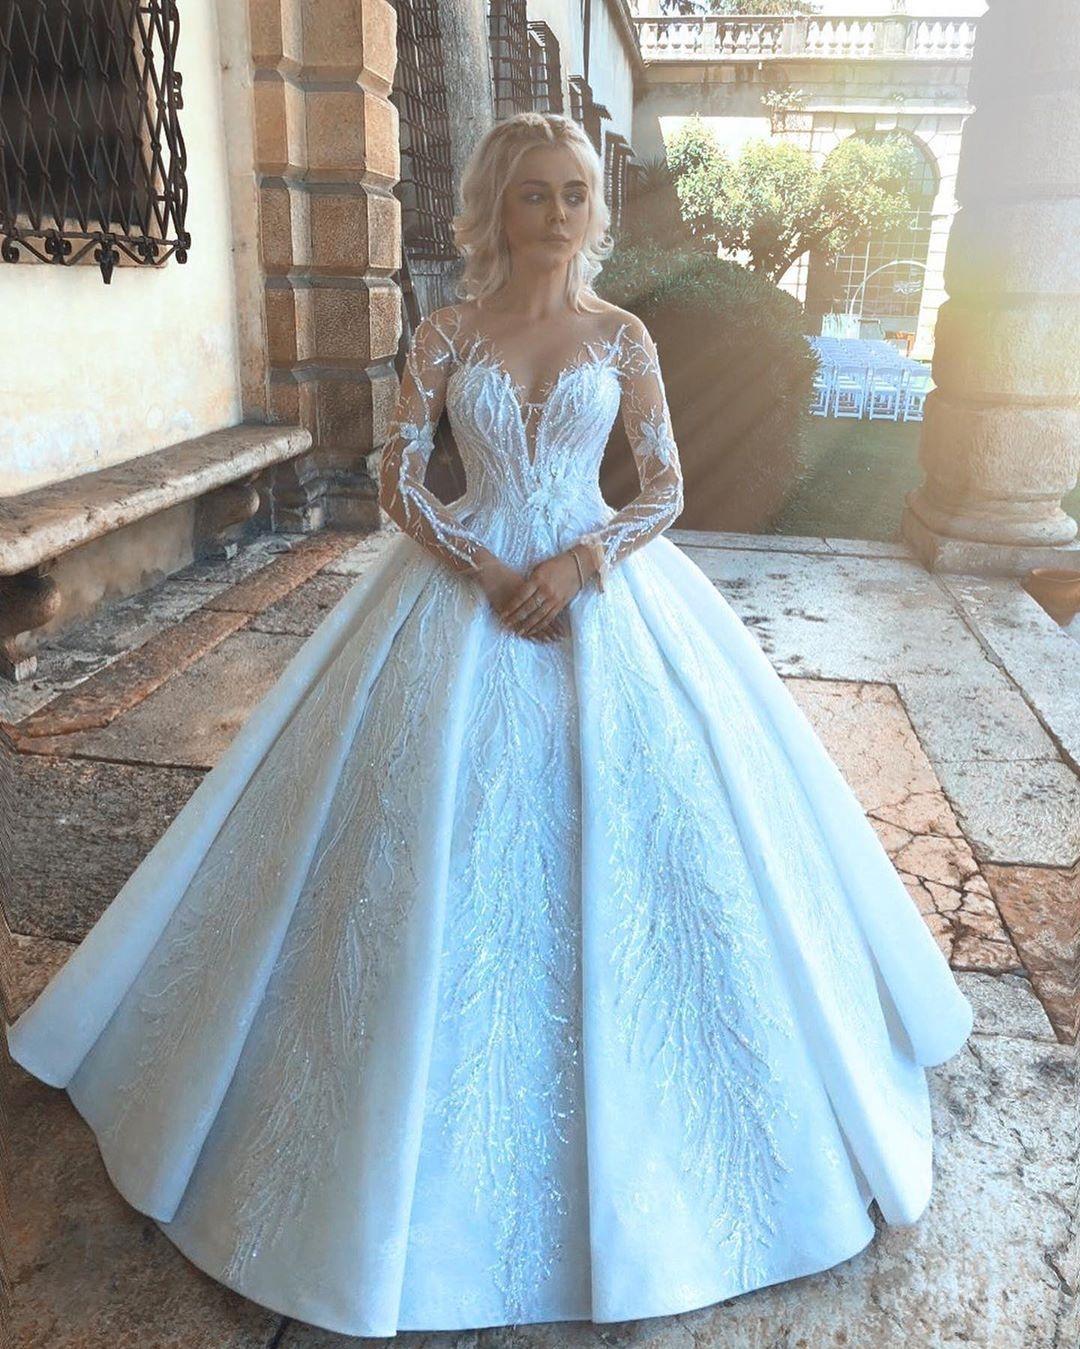 Самые яркие свадебные платья украинских звезд (ФОТО) - фото №8